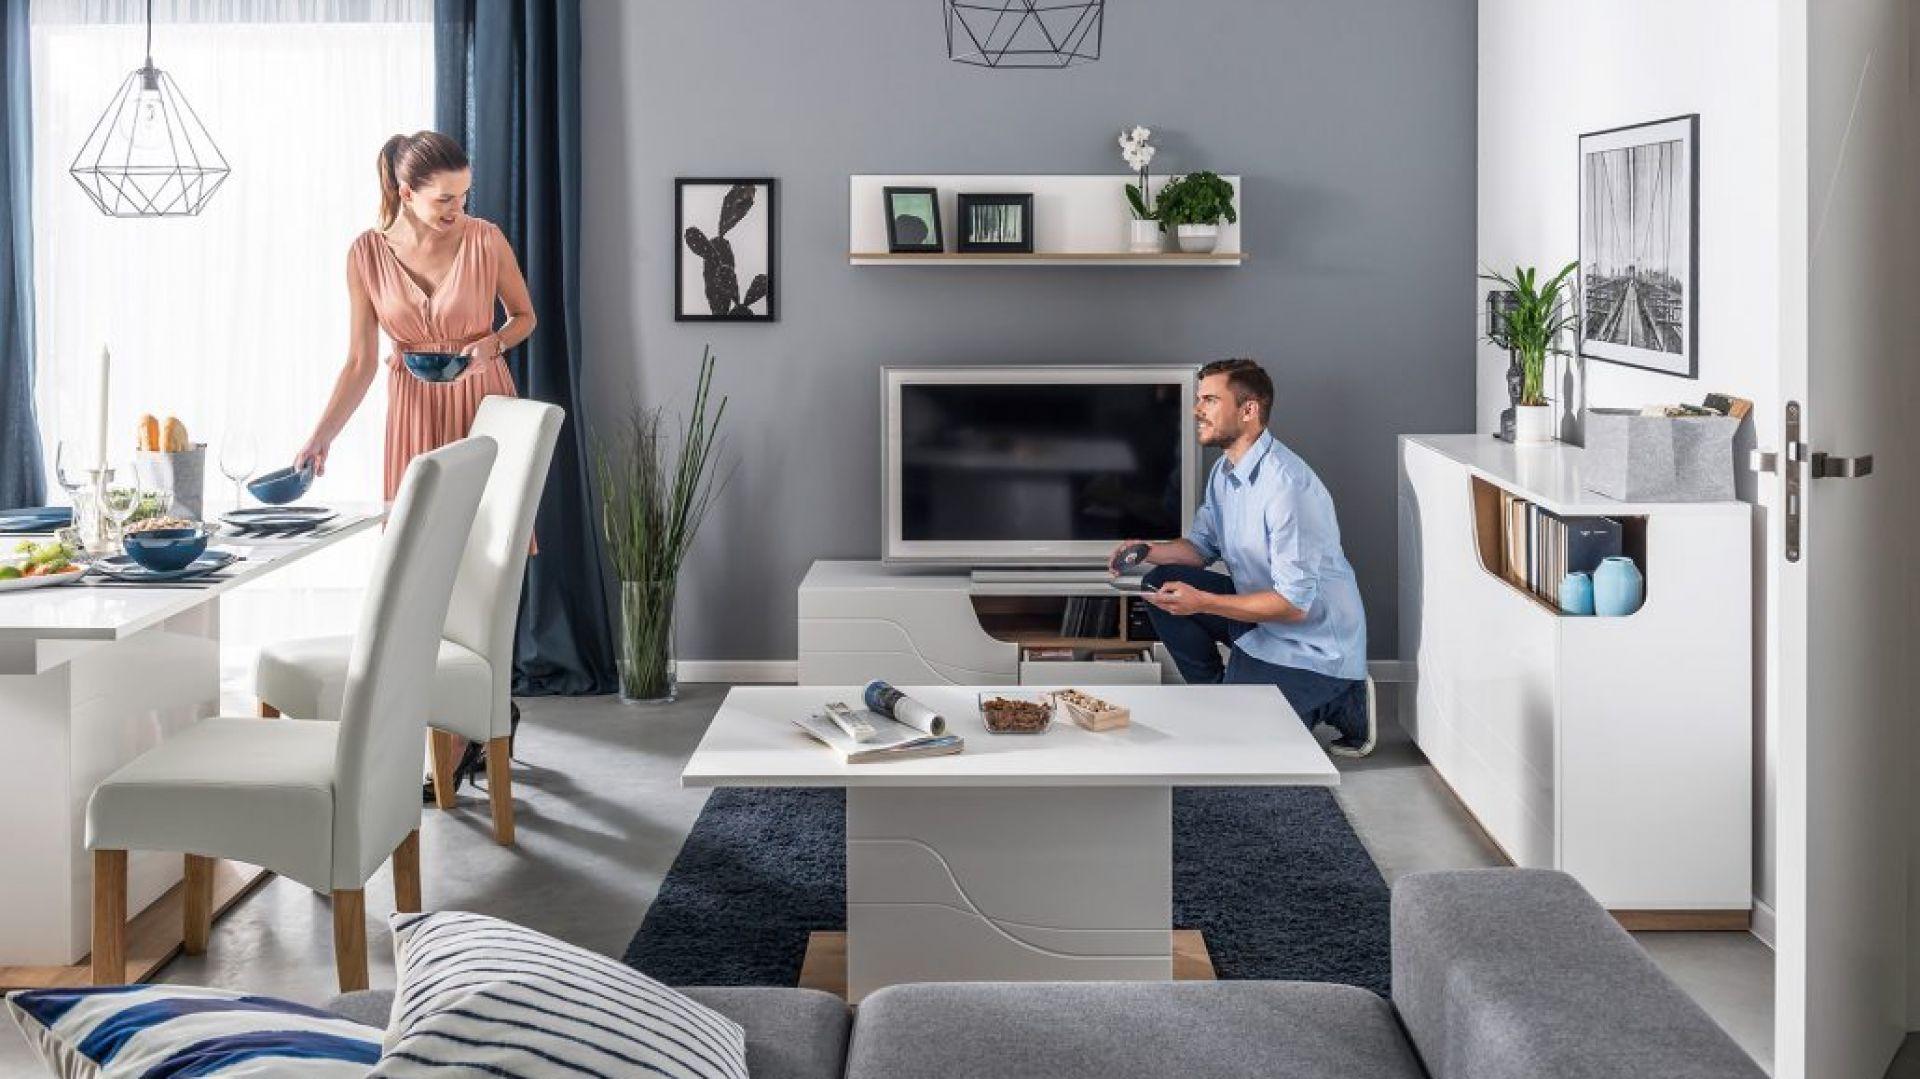 Podstawowym i najważniejszym elementem domowej strefy rozrywki jest szafka RTV. Przyda się w każdy salonie, nawet wówczas, gdy telewizor wisi na ścianie. Na zdjęciu: szafka RTV z kolekcji Wave 2, cena ok. 559 zł. Fot. Dignet Lenart